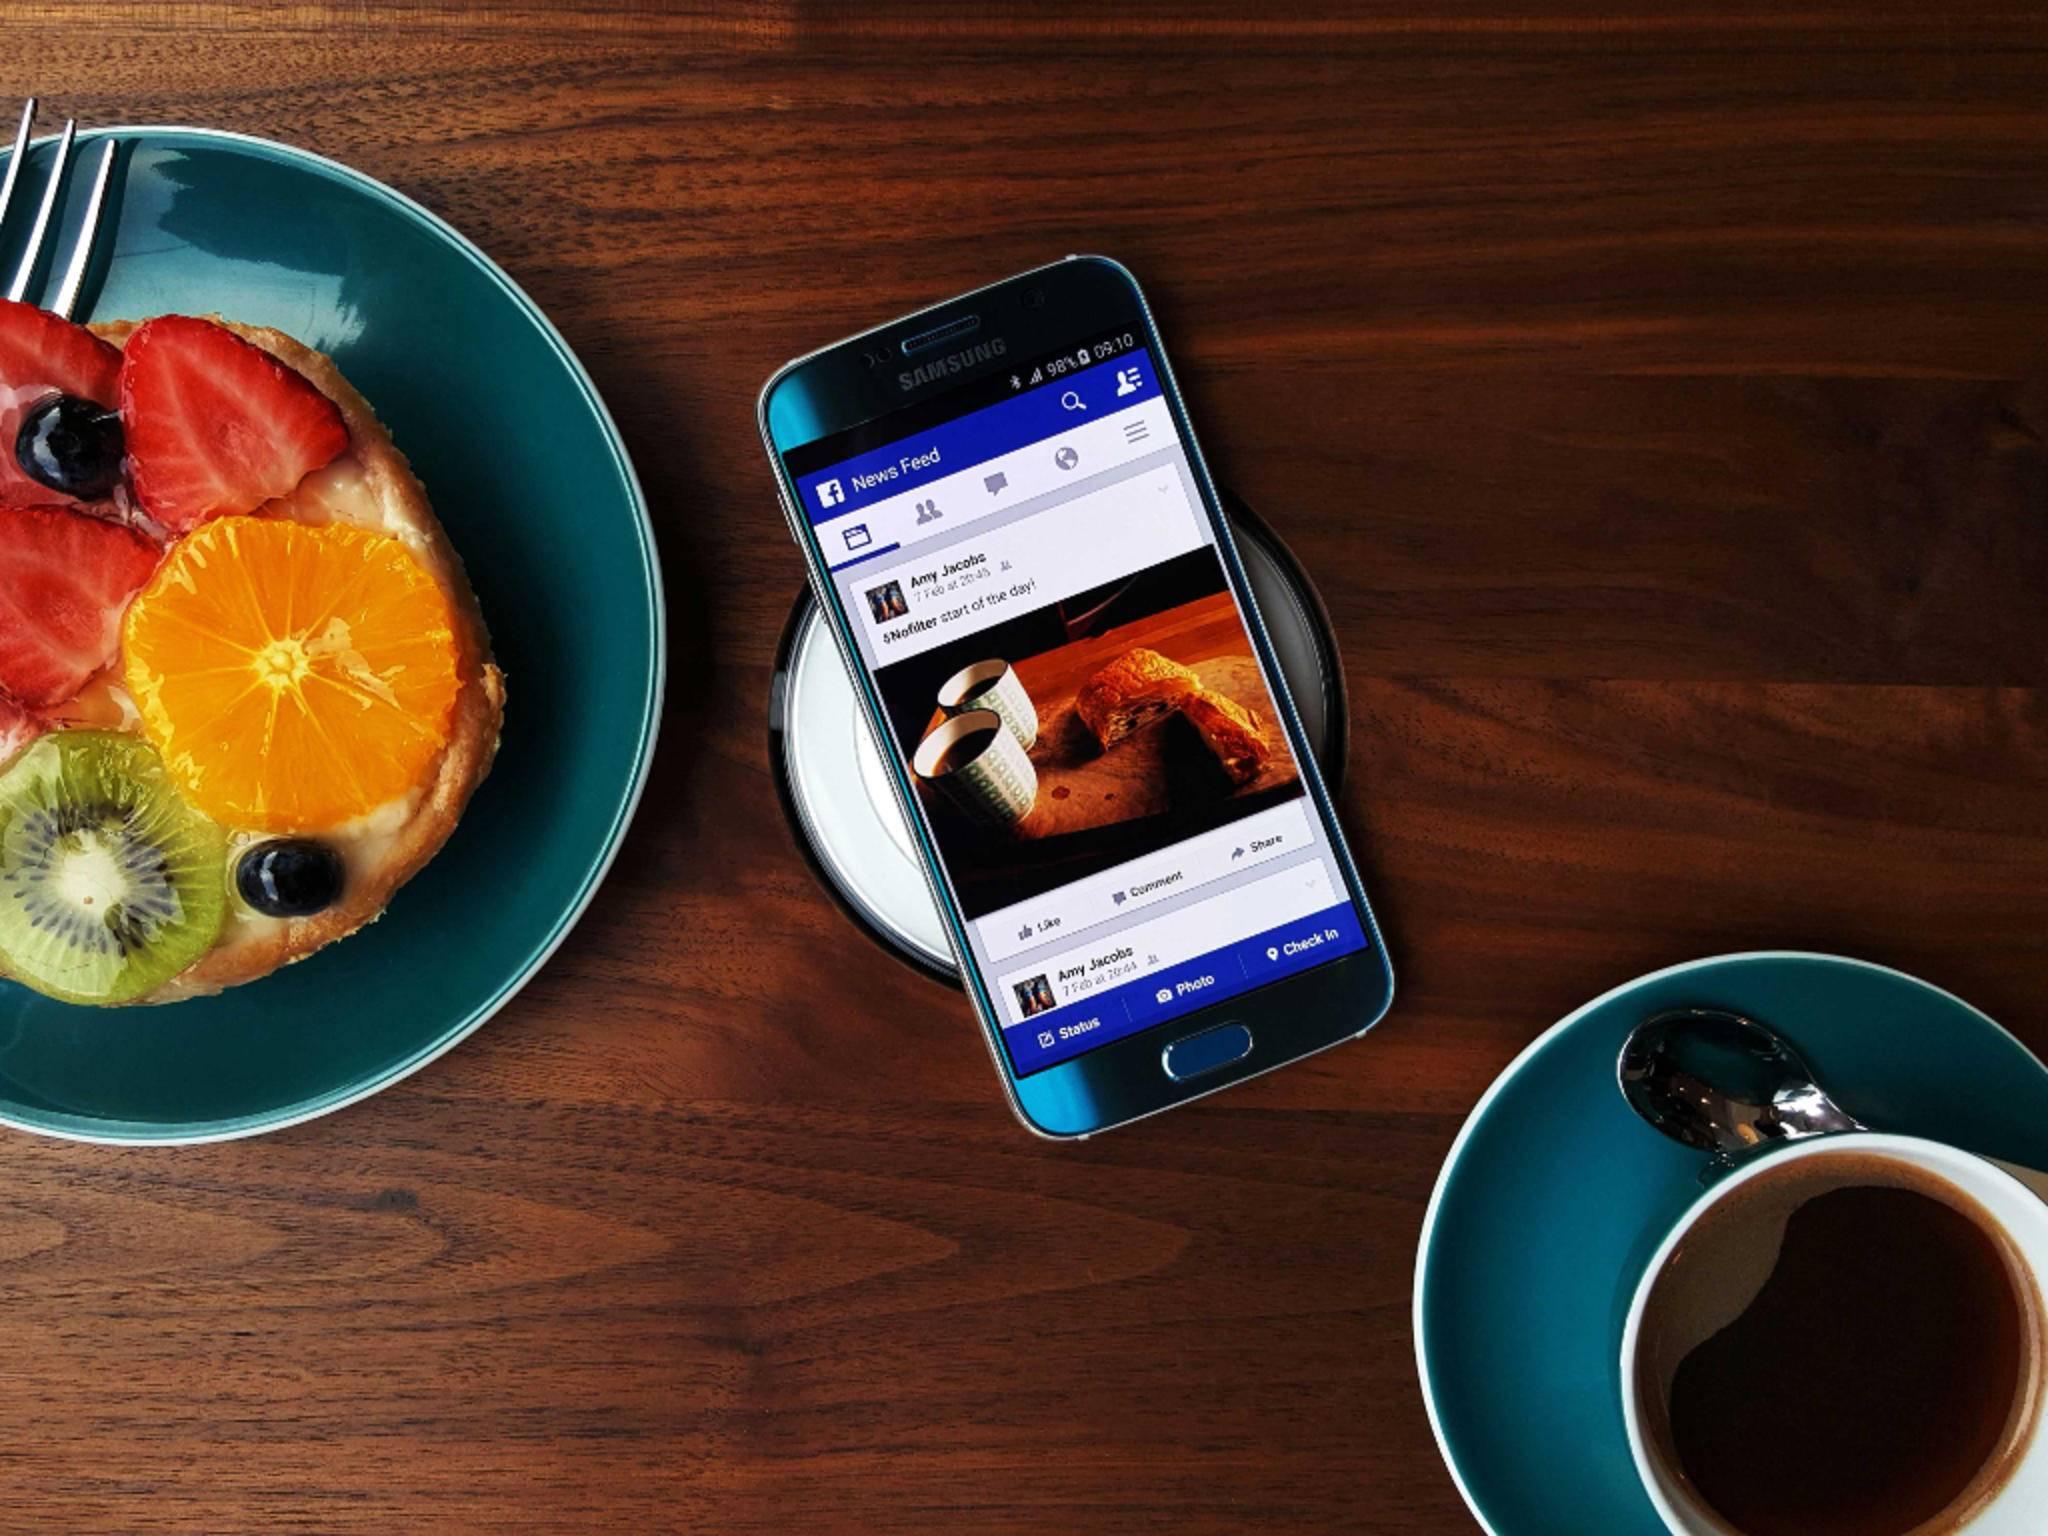 Wird das Galaxy S7 so aussehen wie das Galaxy S6?